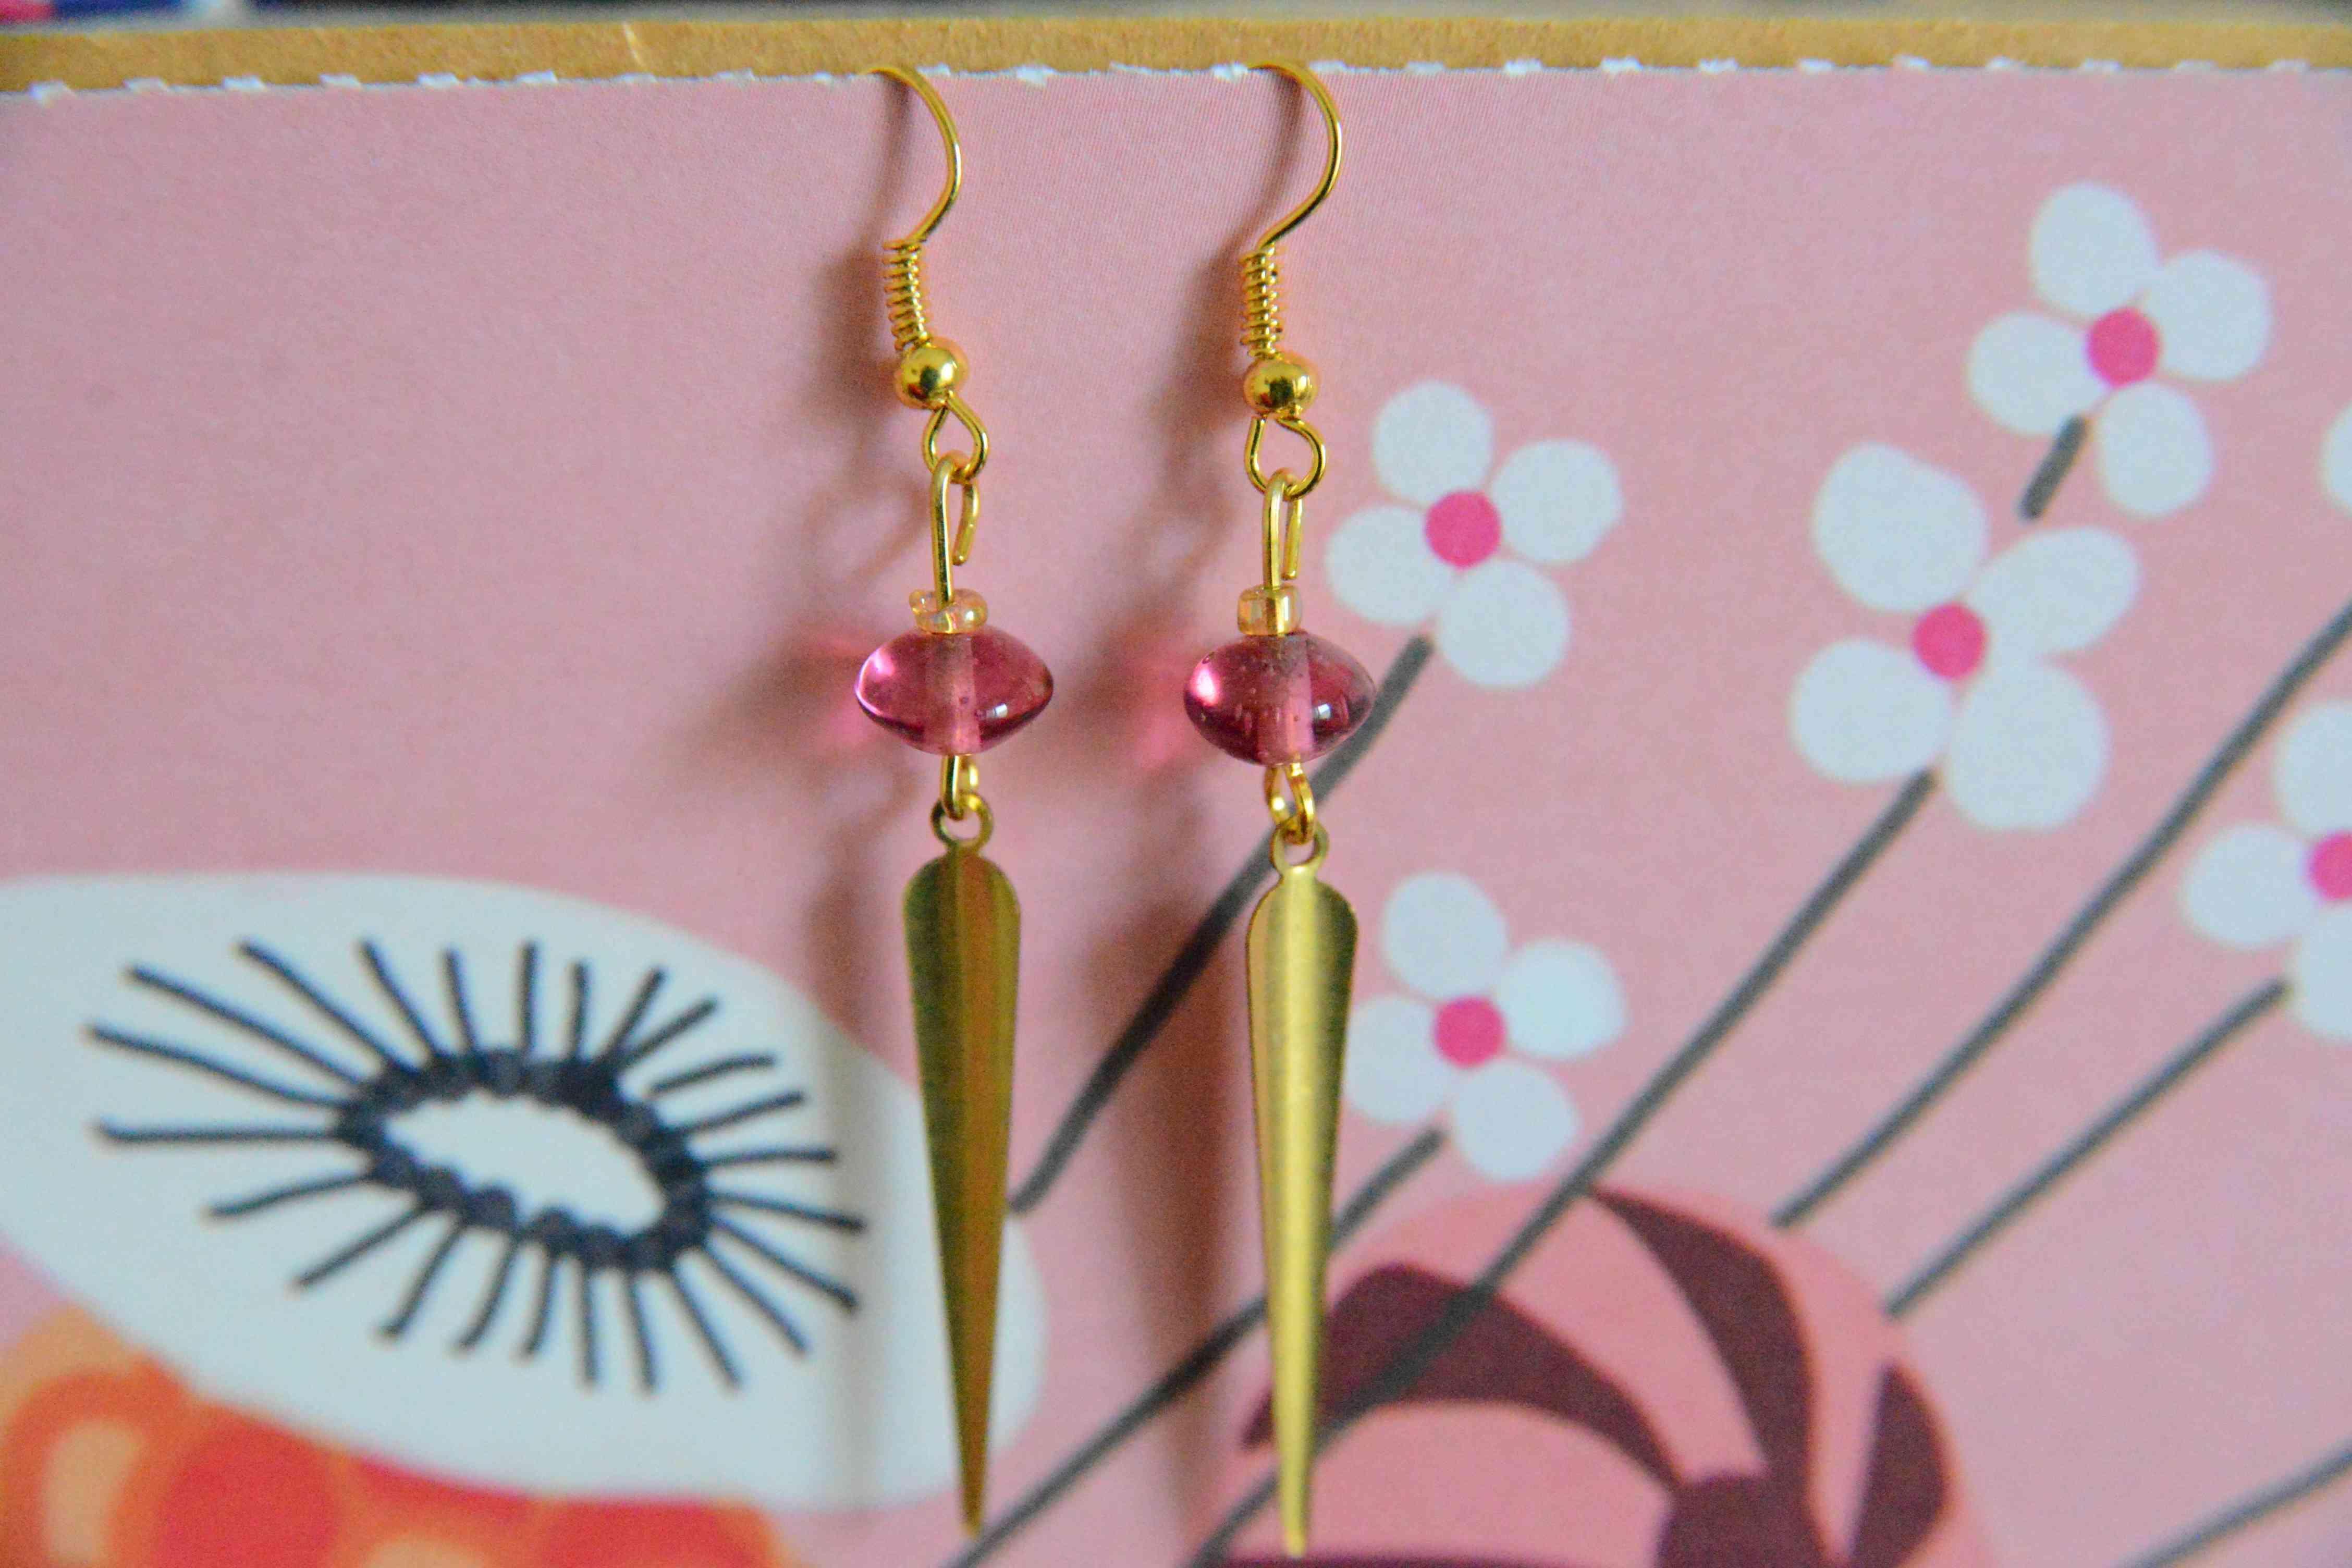 troc de troc boucles d'oreilles  roses et dorées réservées image 0